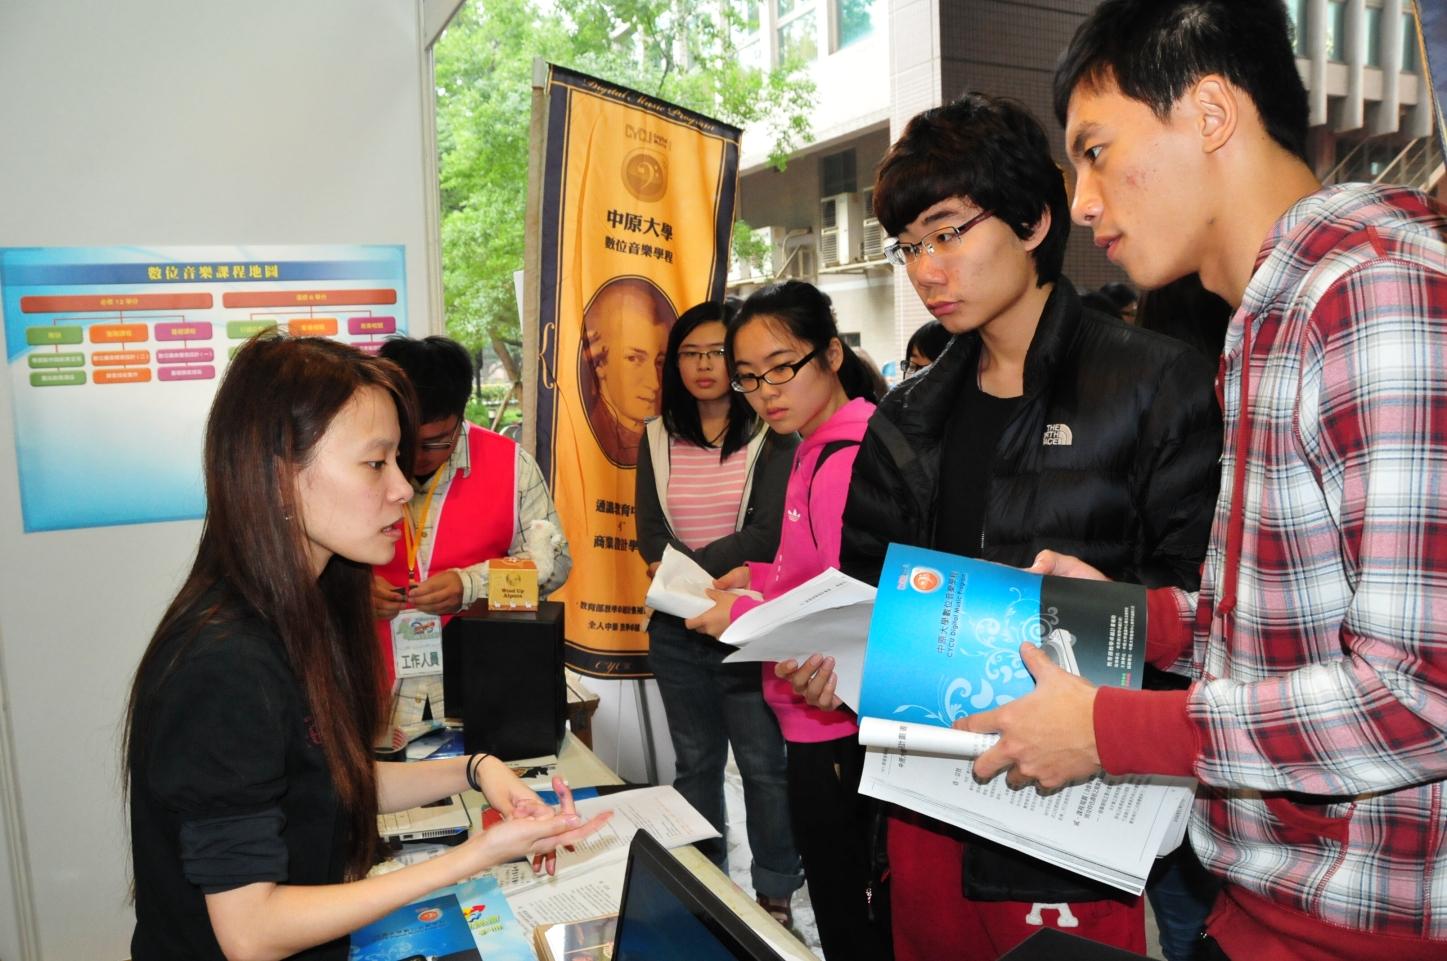 跨領域加值就業競爭力 中原舉辦學分學程說明博覽會